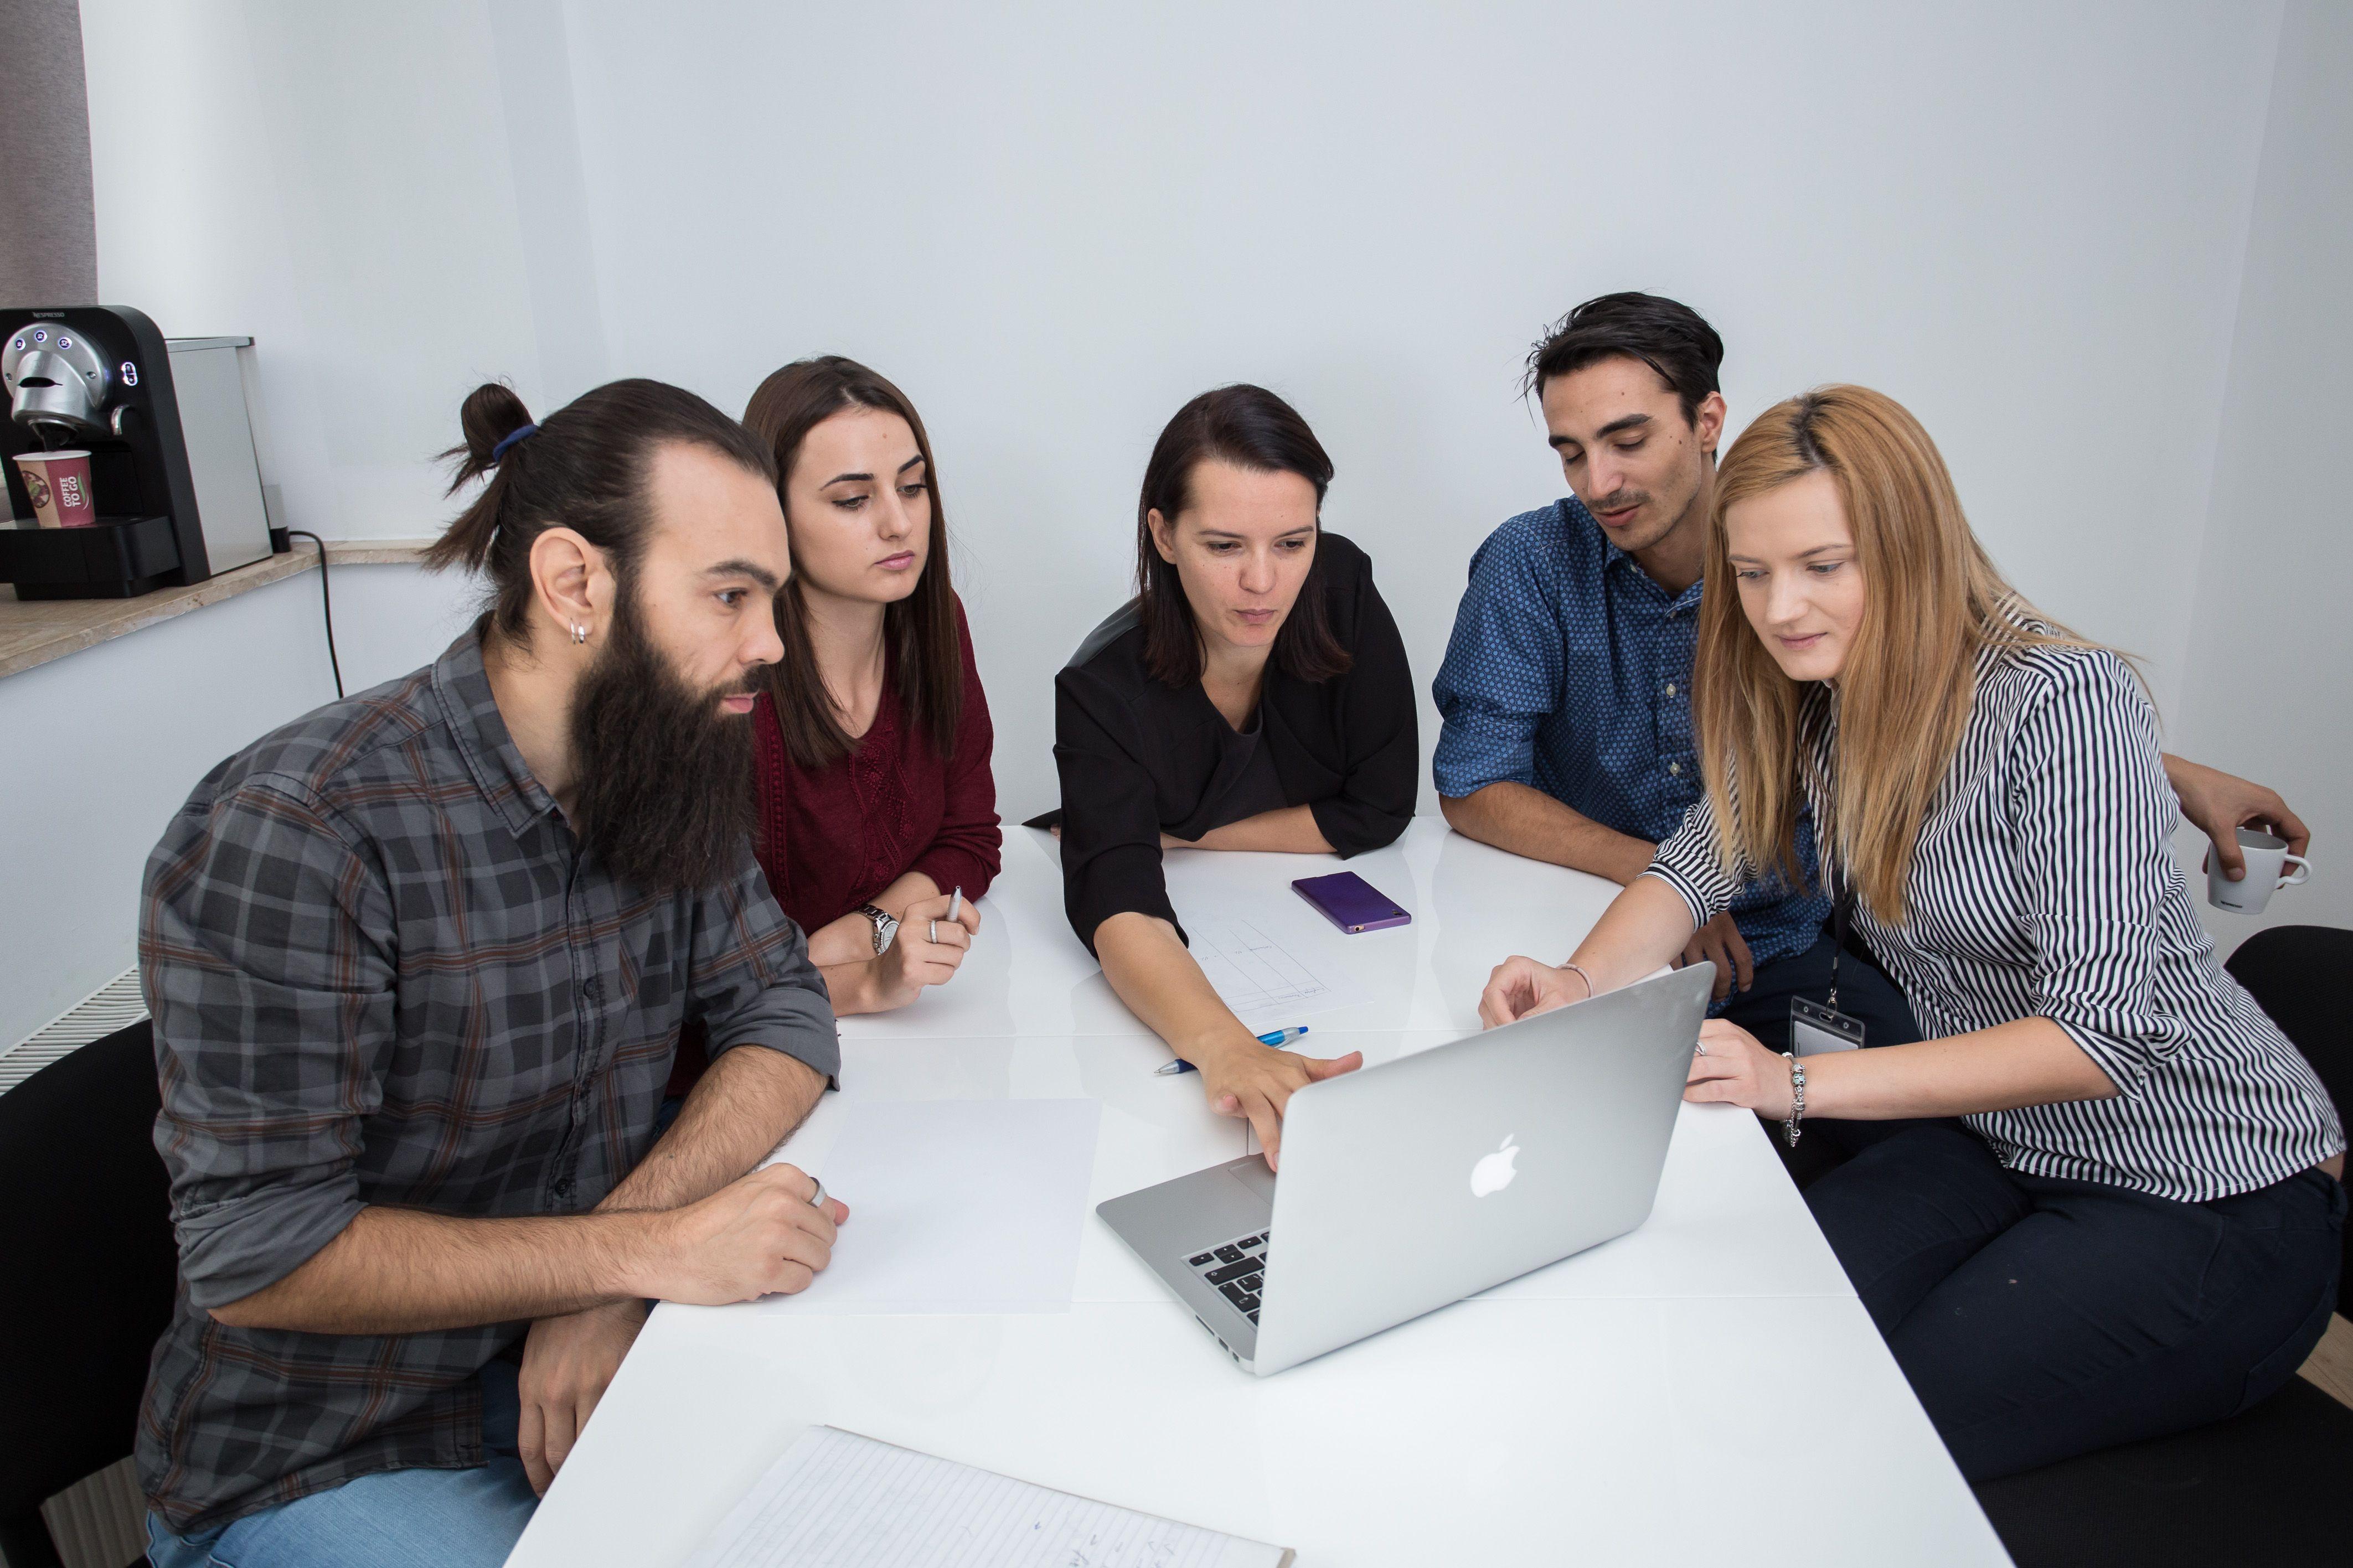 Warum entscheiden sich Freelancer dagegen unabhängig zu sein?